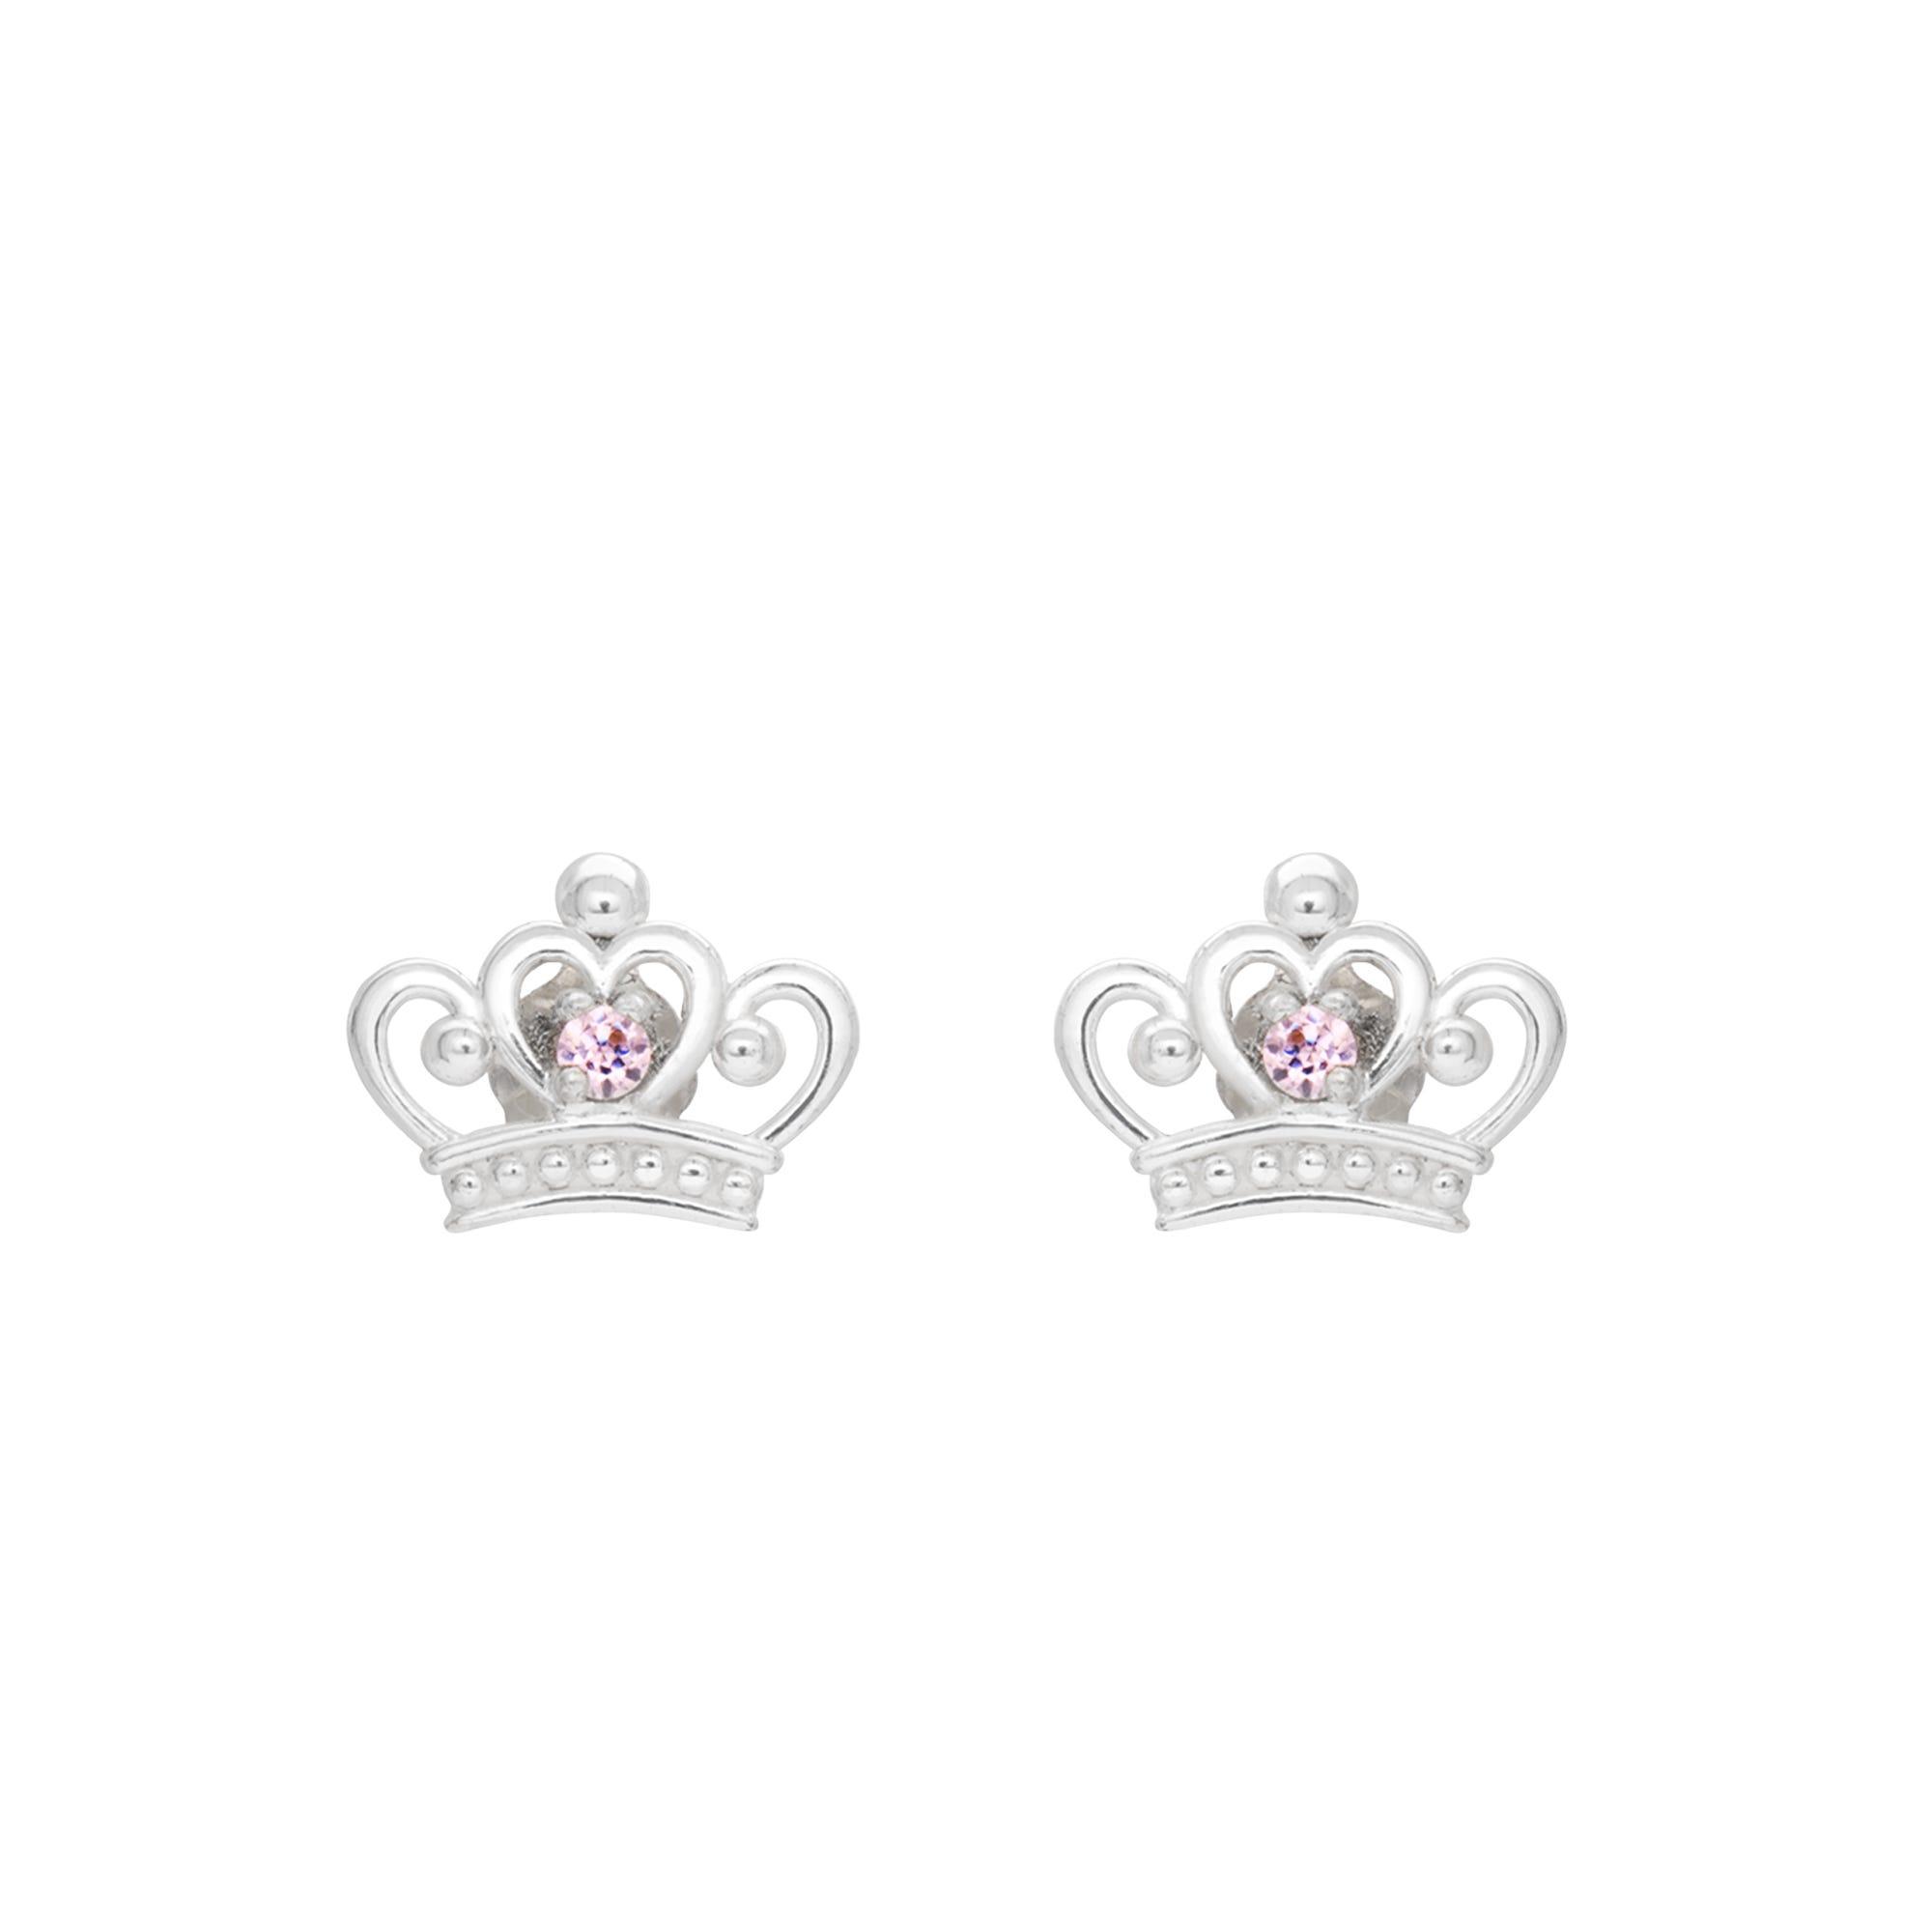 DISNEY© Tiara Stud Earrings in Sterling Silver